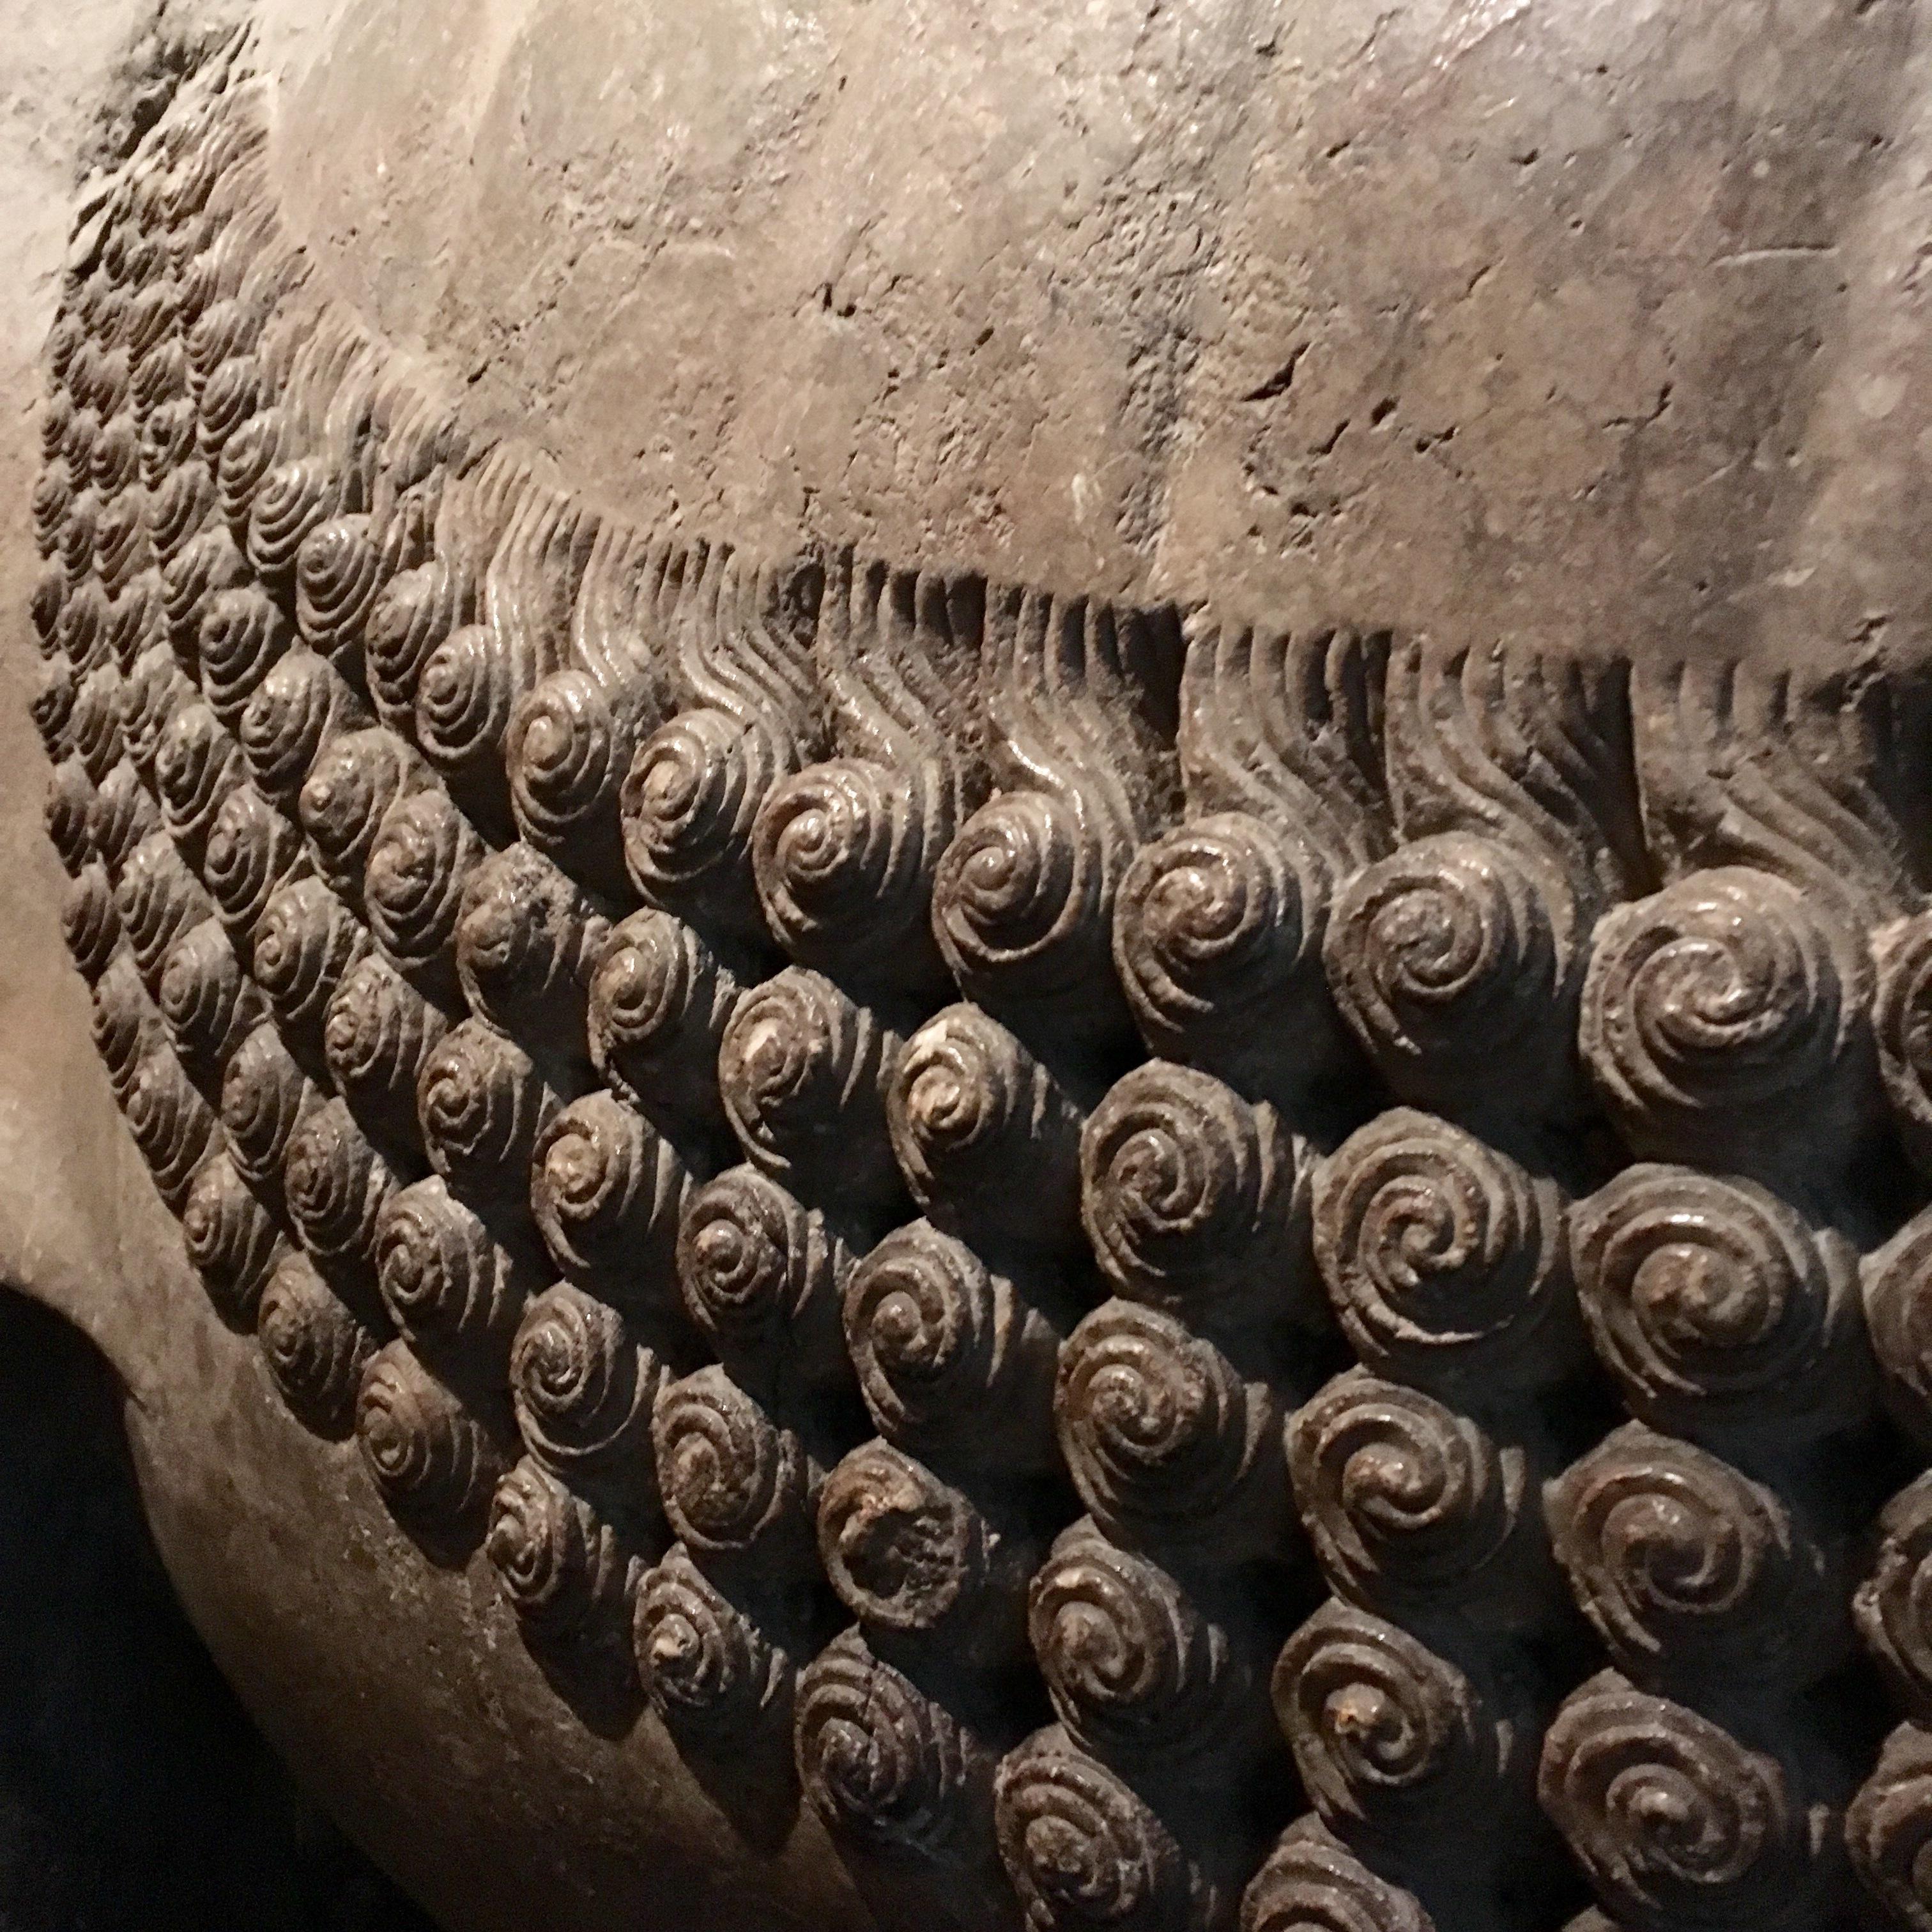 大英博物館の「マンガ展」へ。_1_1-13